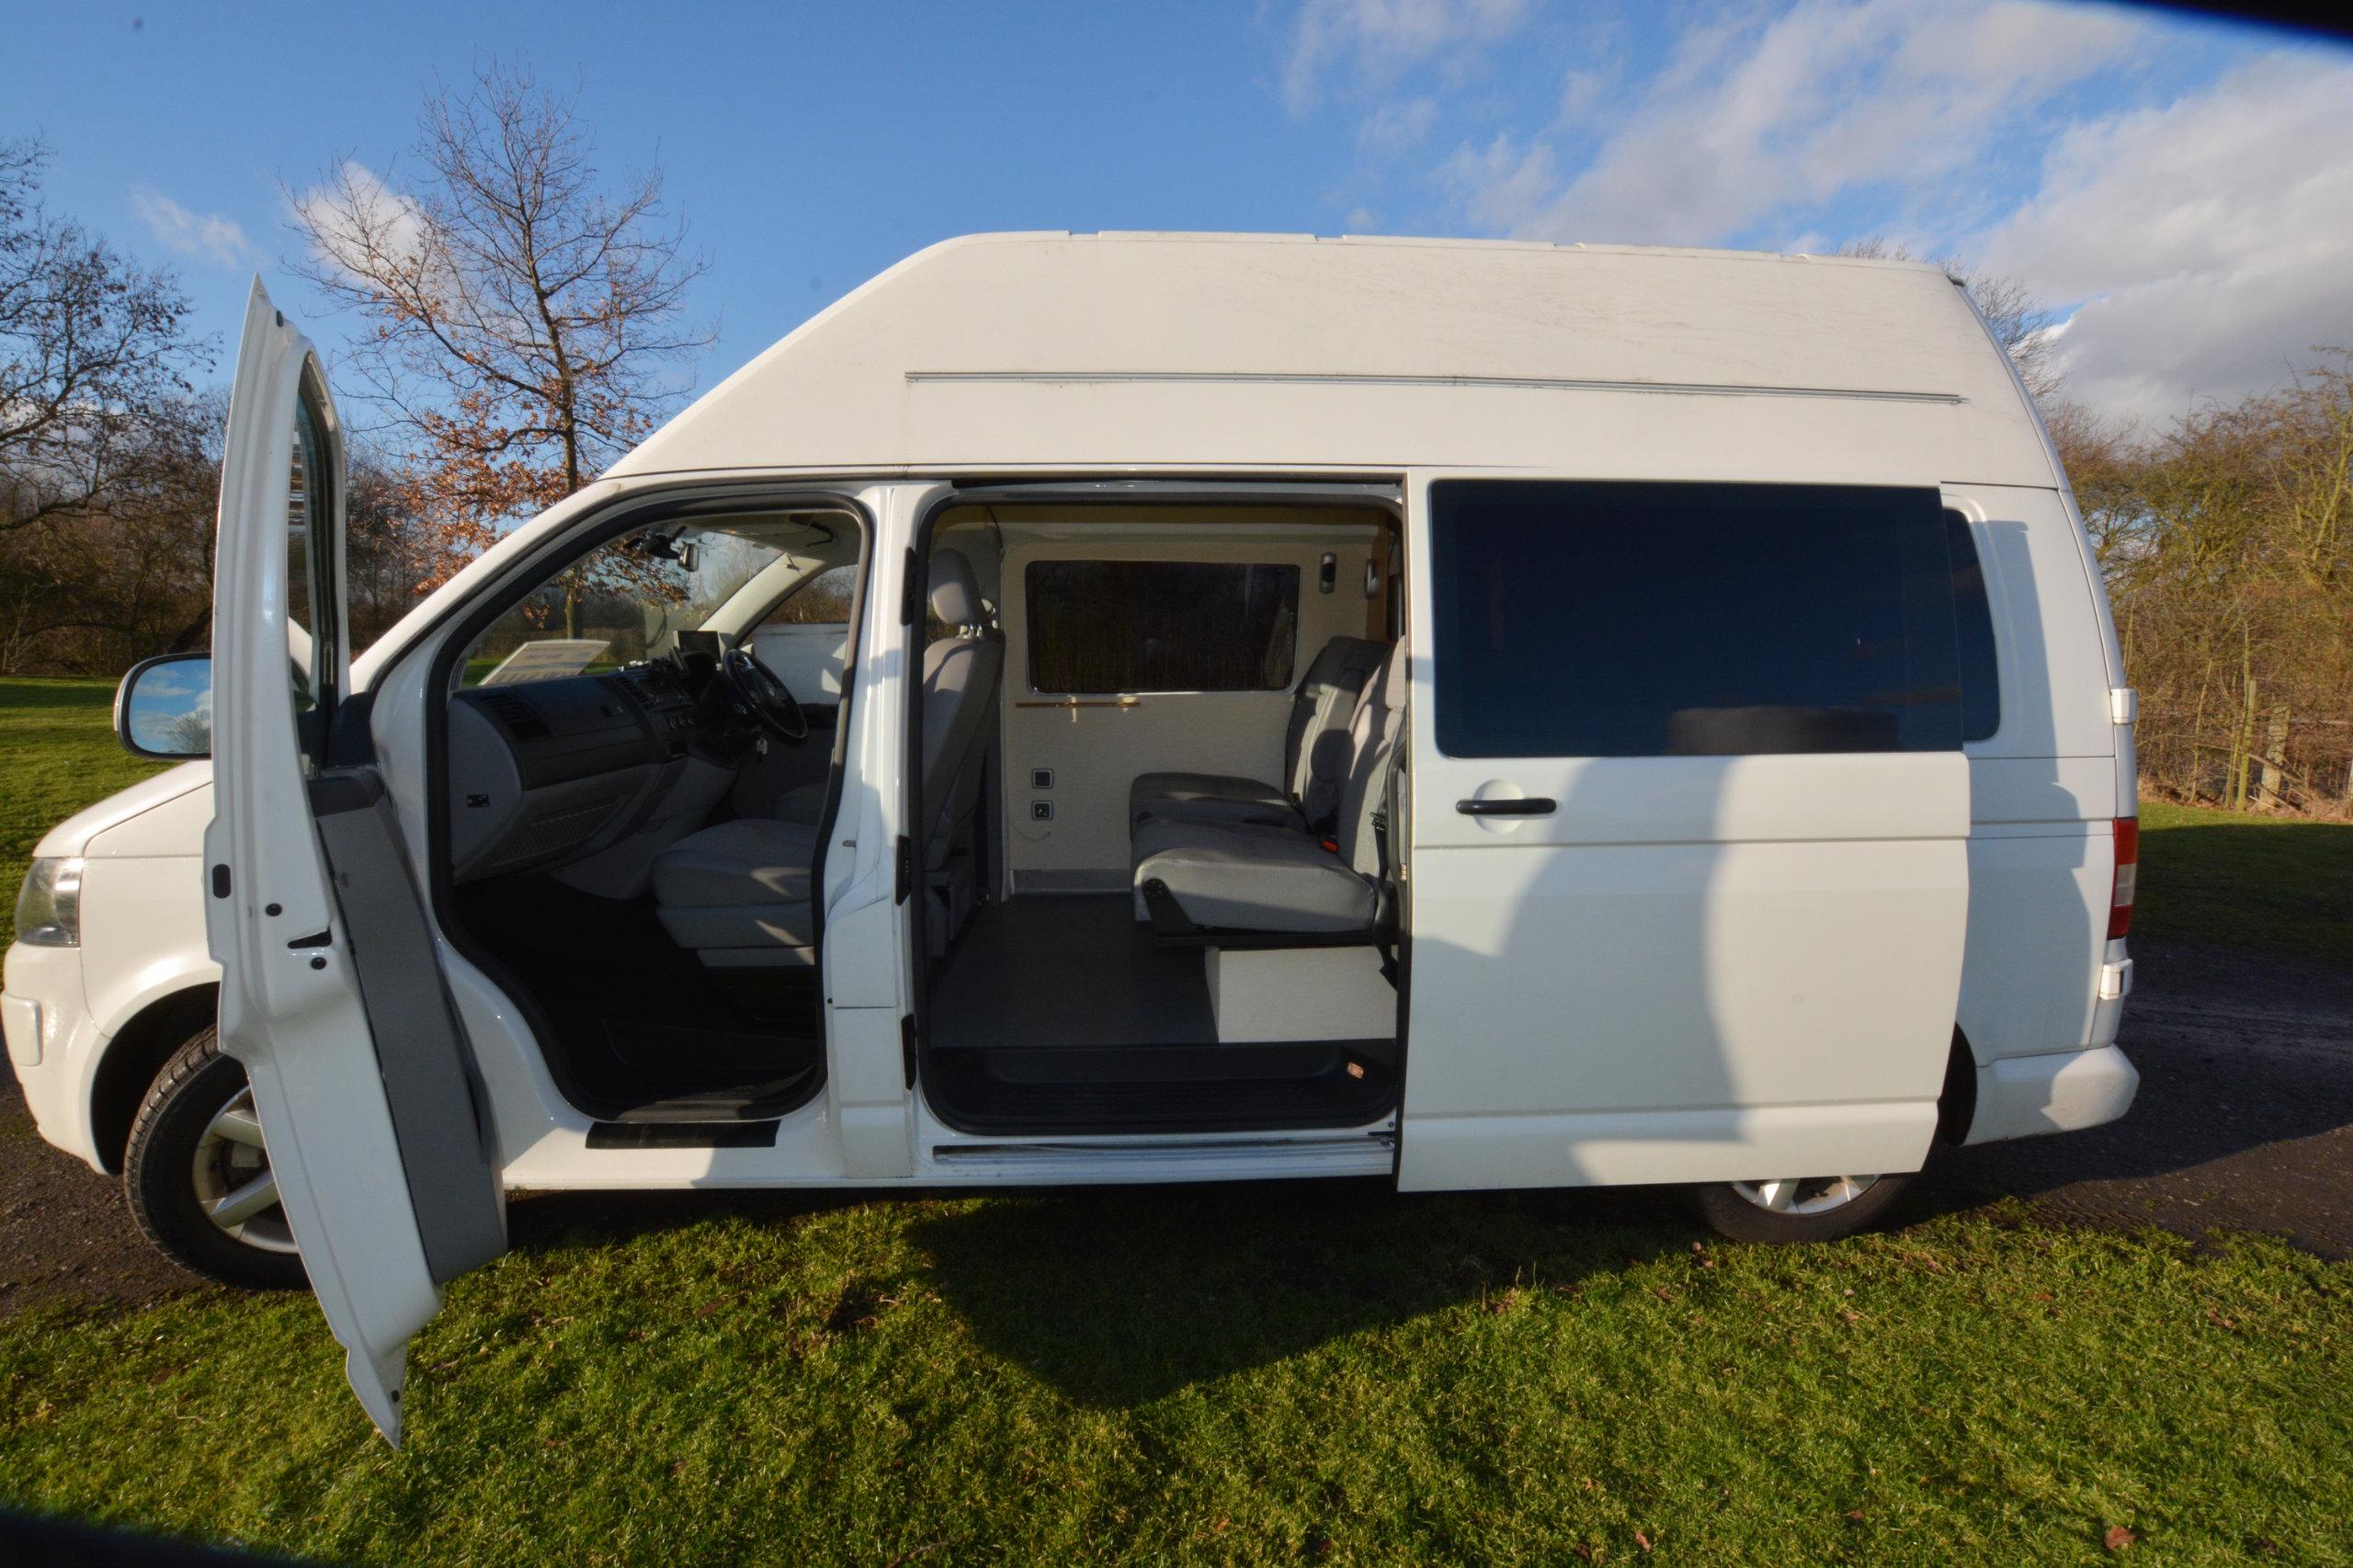 volkswagon t5 campervan used vw t5 campervan for sale. Black Bedroom Furniture Sets. Home Design Ideas